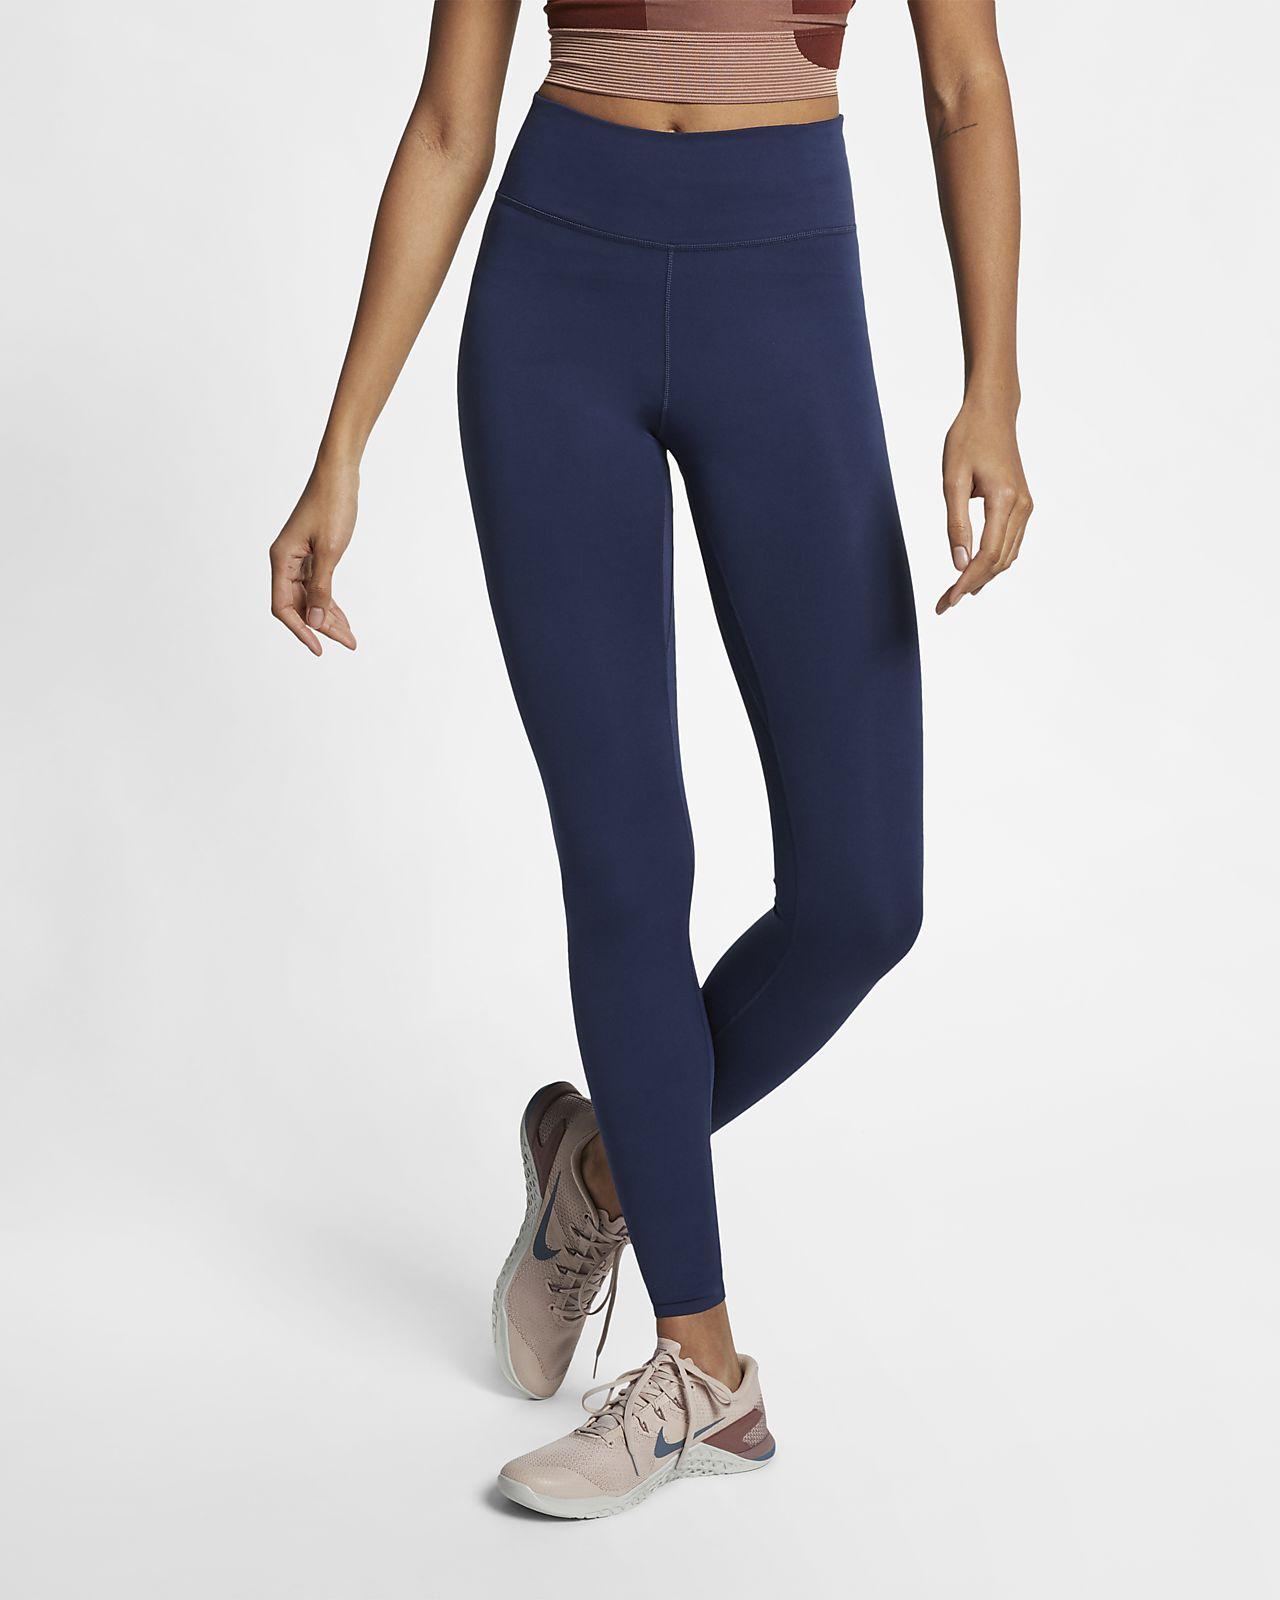 Nike One Luxe Kadın Taytı